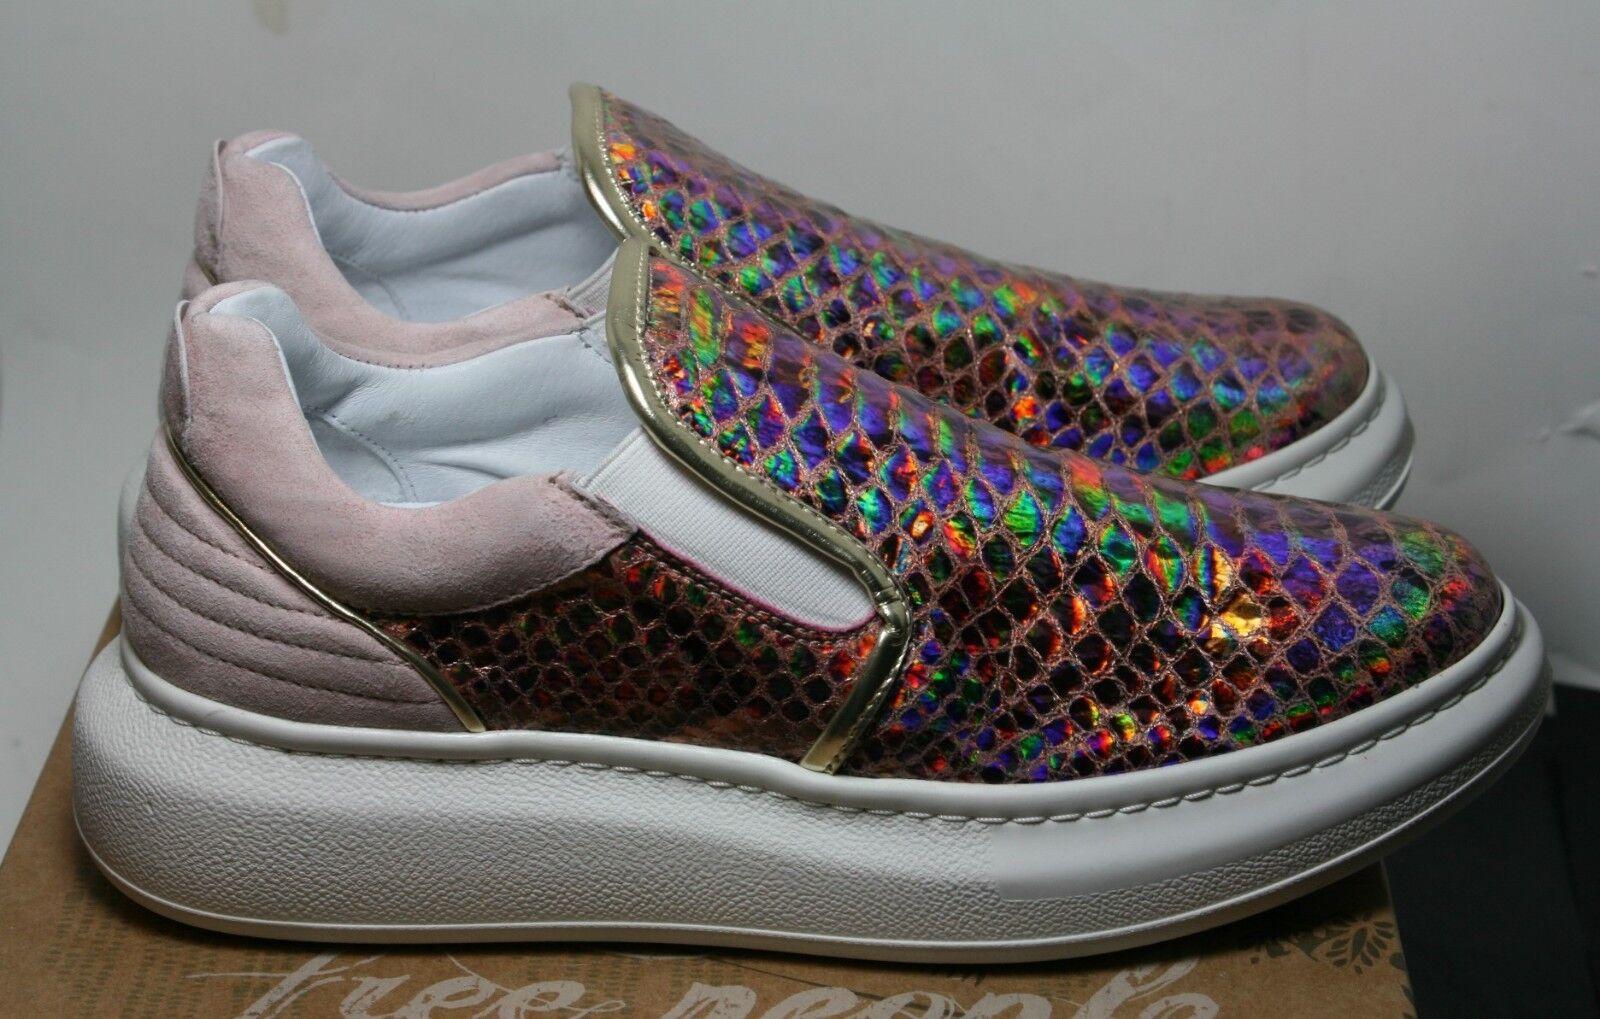 Zapatos Tenis Gratis Metálico Nova gente Gratis Tenis Nuevo 8  Piel De Serpiente textura FP Nuevo En Caja b0ef0d